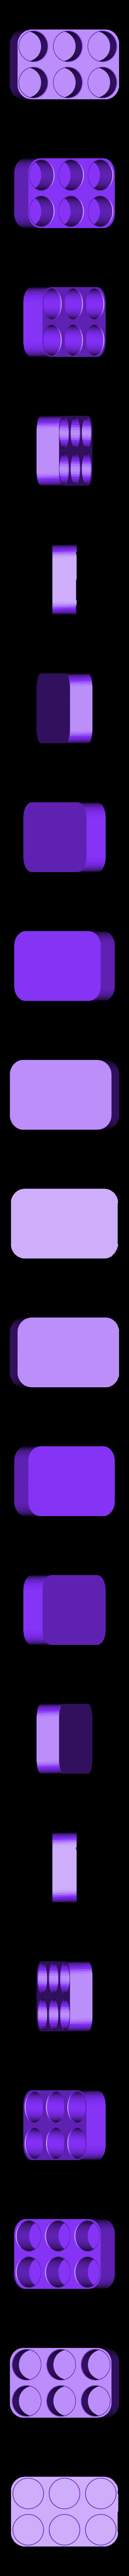 Pill_Bottle_Rack_001-metric.STL Télécharger fichier STL gratuit Range-bouteilles pour pilules • Design imprimable en 3D, Tarnliare